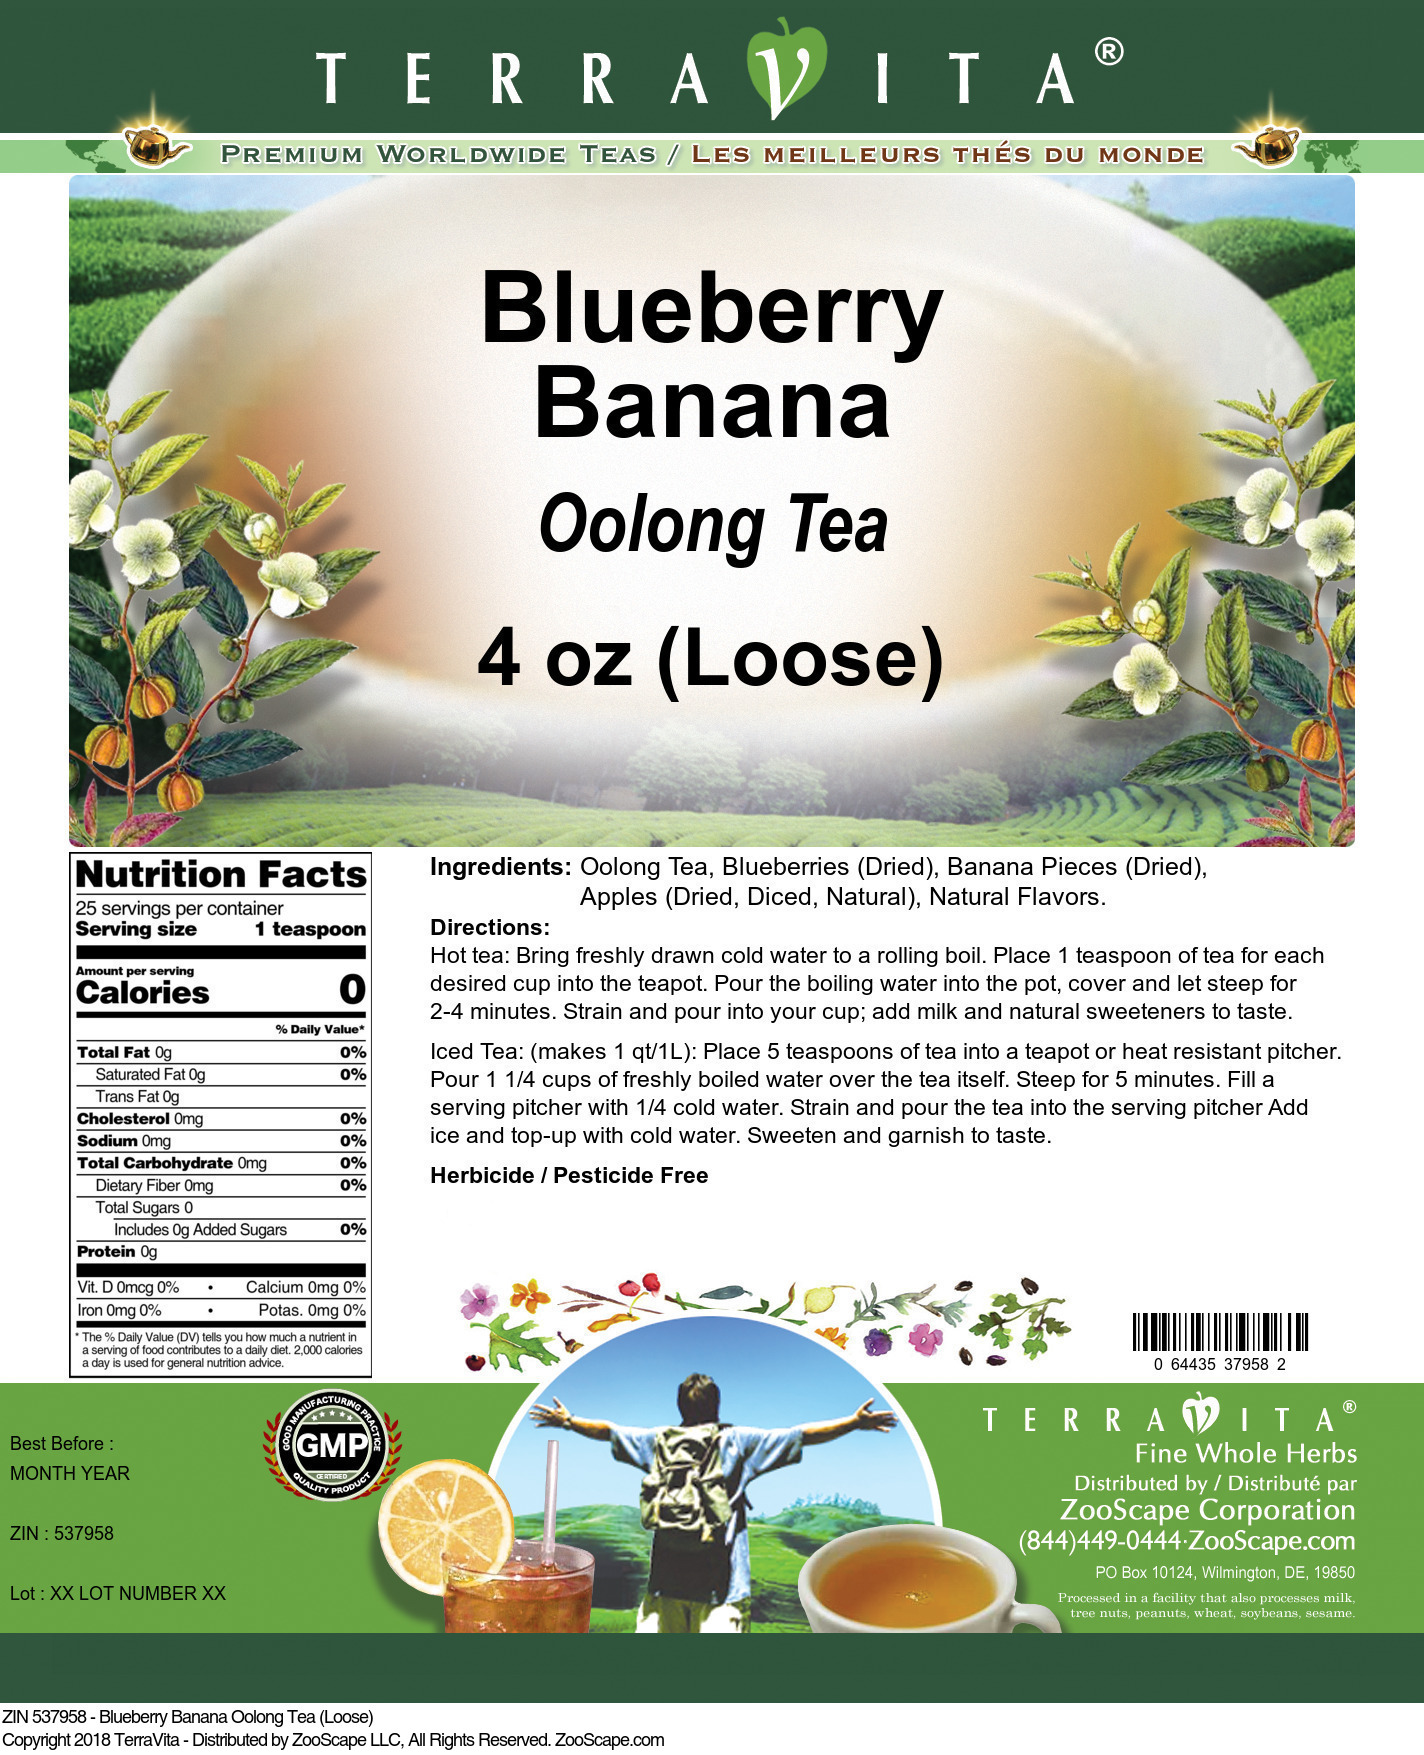 Blueberry Banana Oolong Tea (Loose)